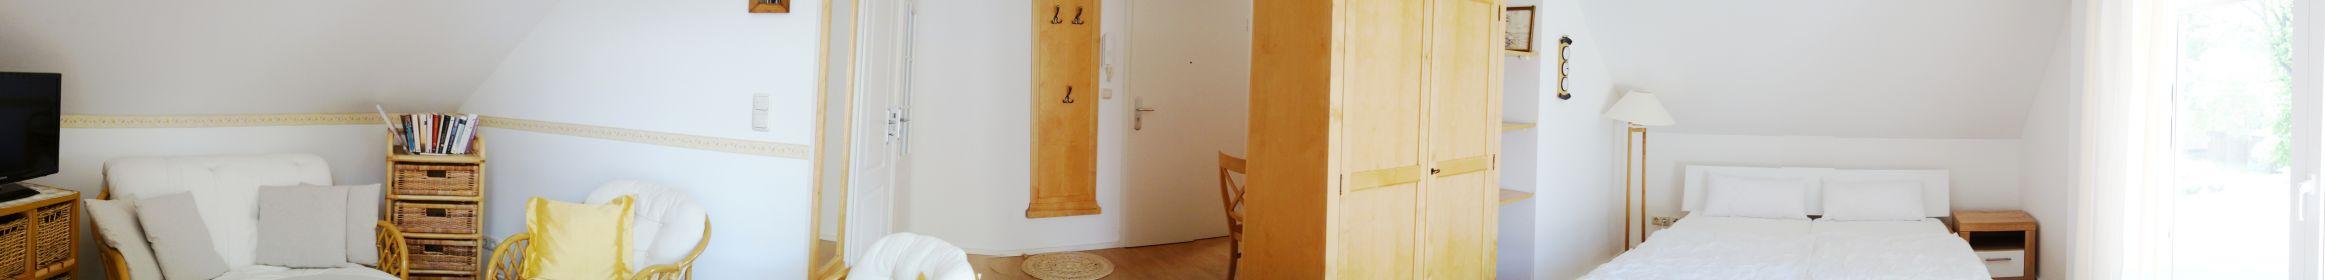 appartement-bernstein-1-dg-panorama